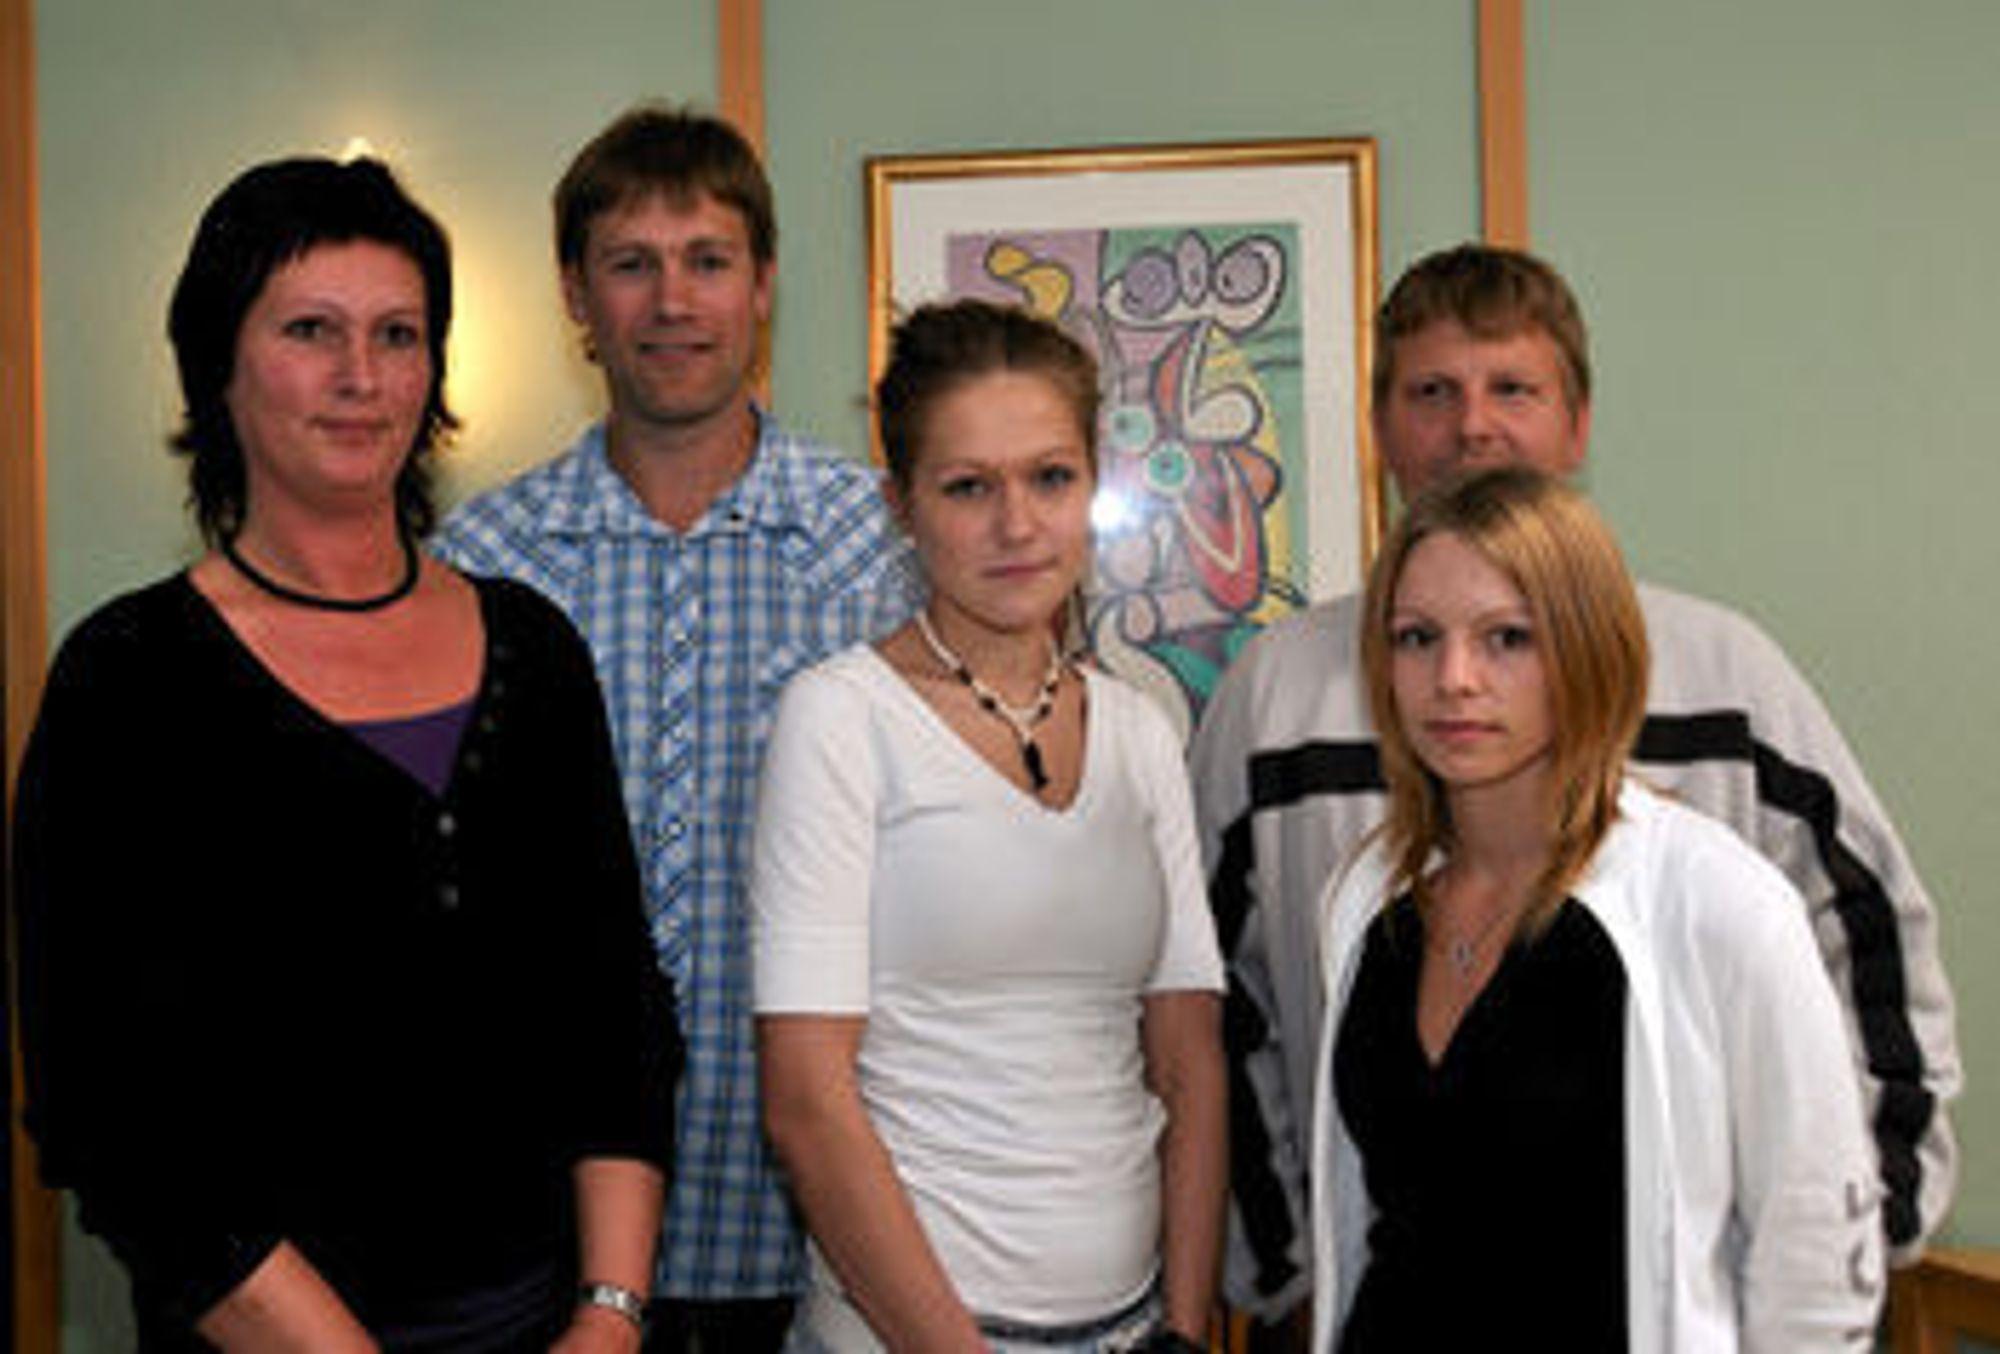 Fra venstre: Trude Helen Flak,Thor Steinsland, Erma Bratic, Tonje Kvalvik og Roger Skogberget.